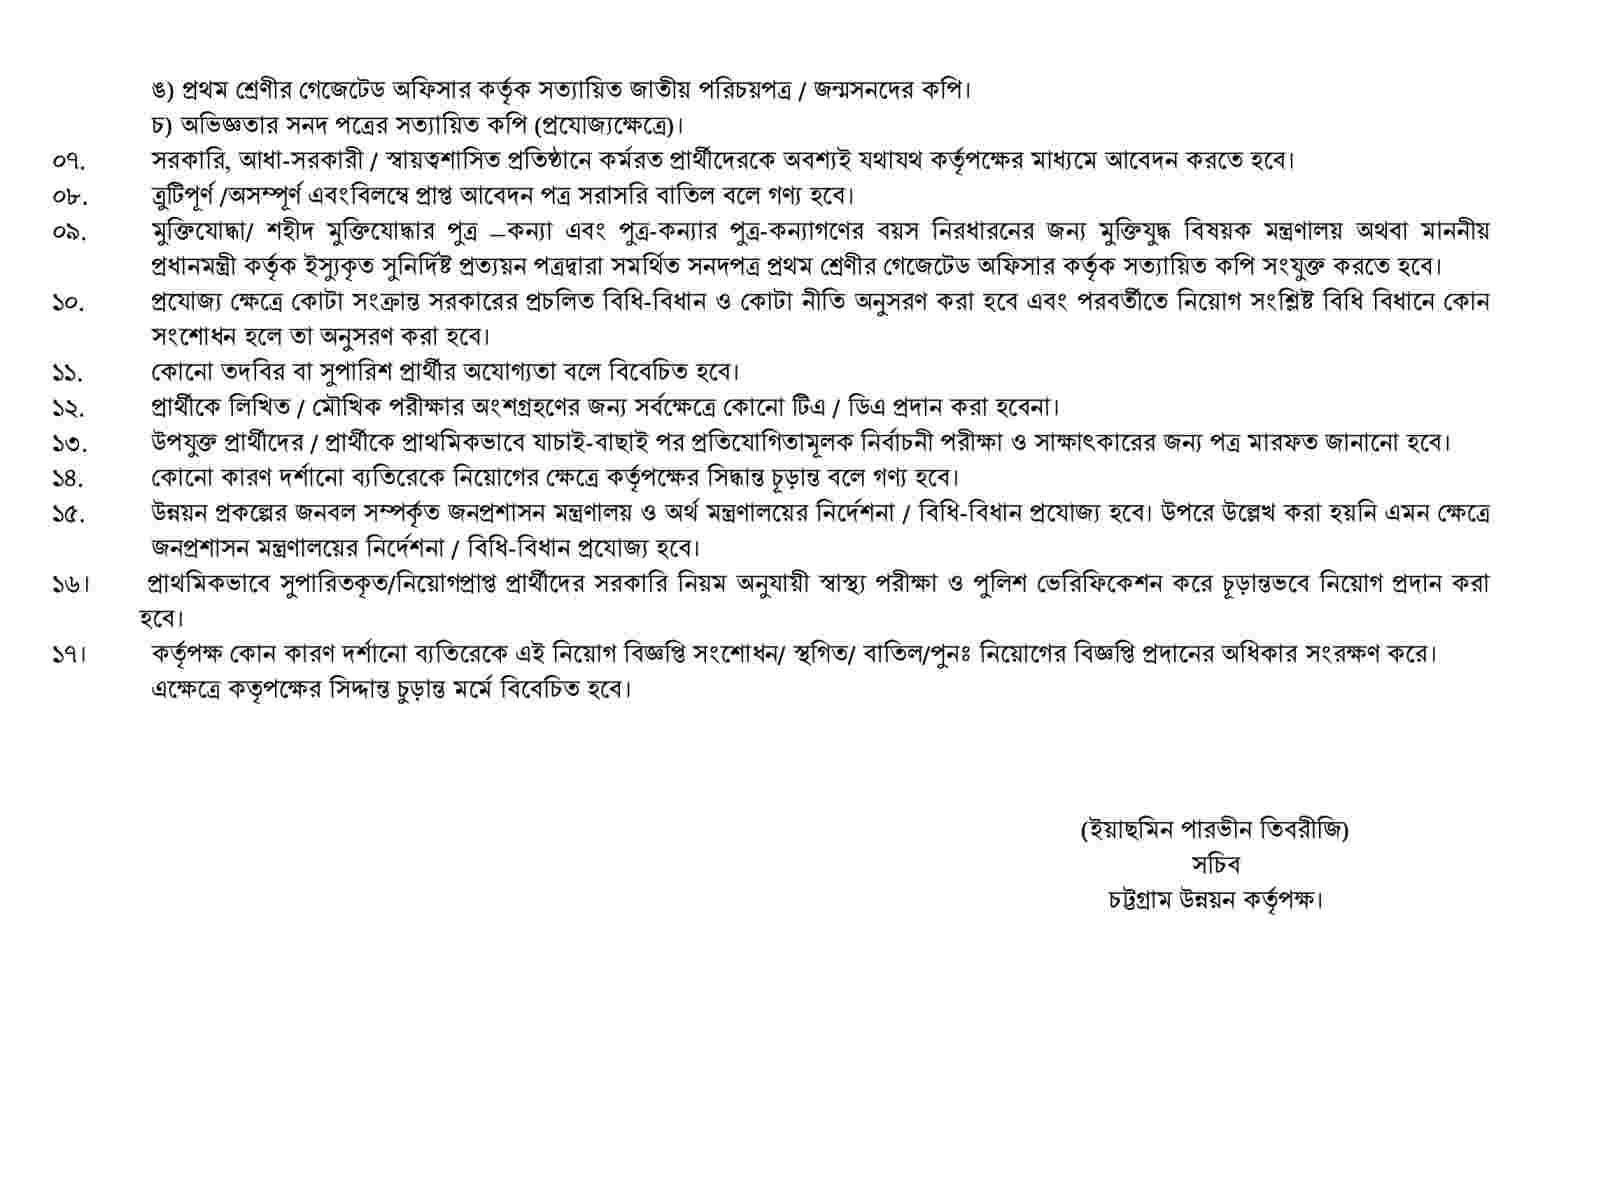 চট্টগ্রাম উন্নয়ন কর্তৃপক্ষ নিয়োগ বিজ্ঞপ্তি, CDA Job Circular 2021, Chattogram Development Authority CDA  Job Circular